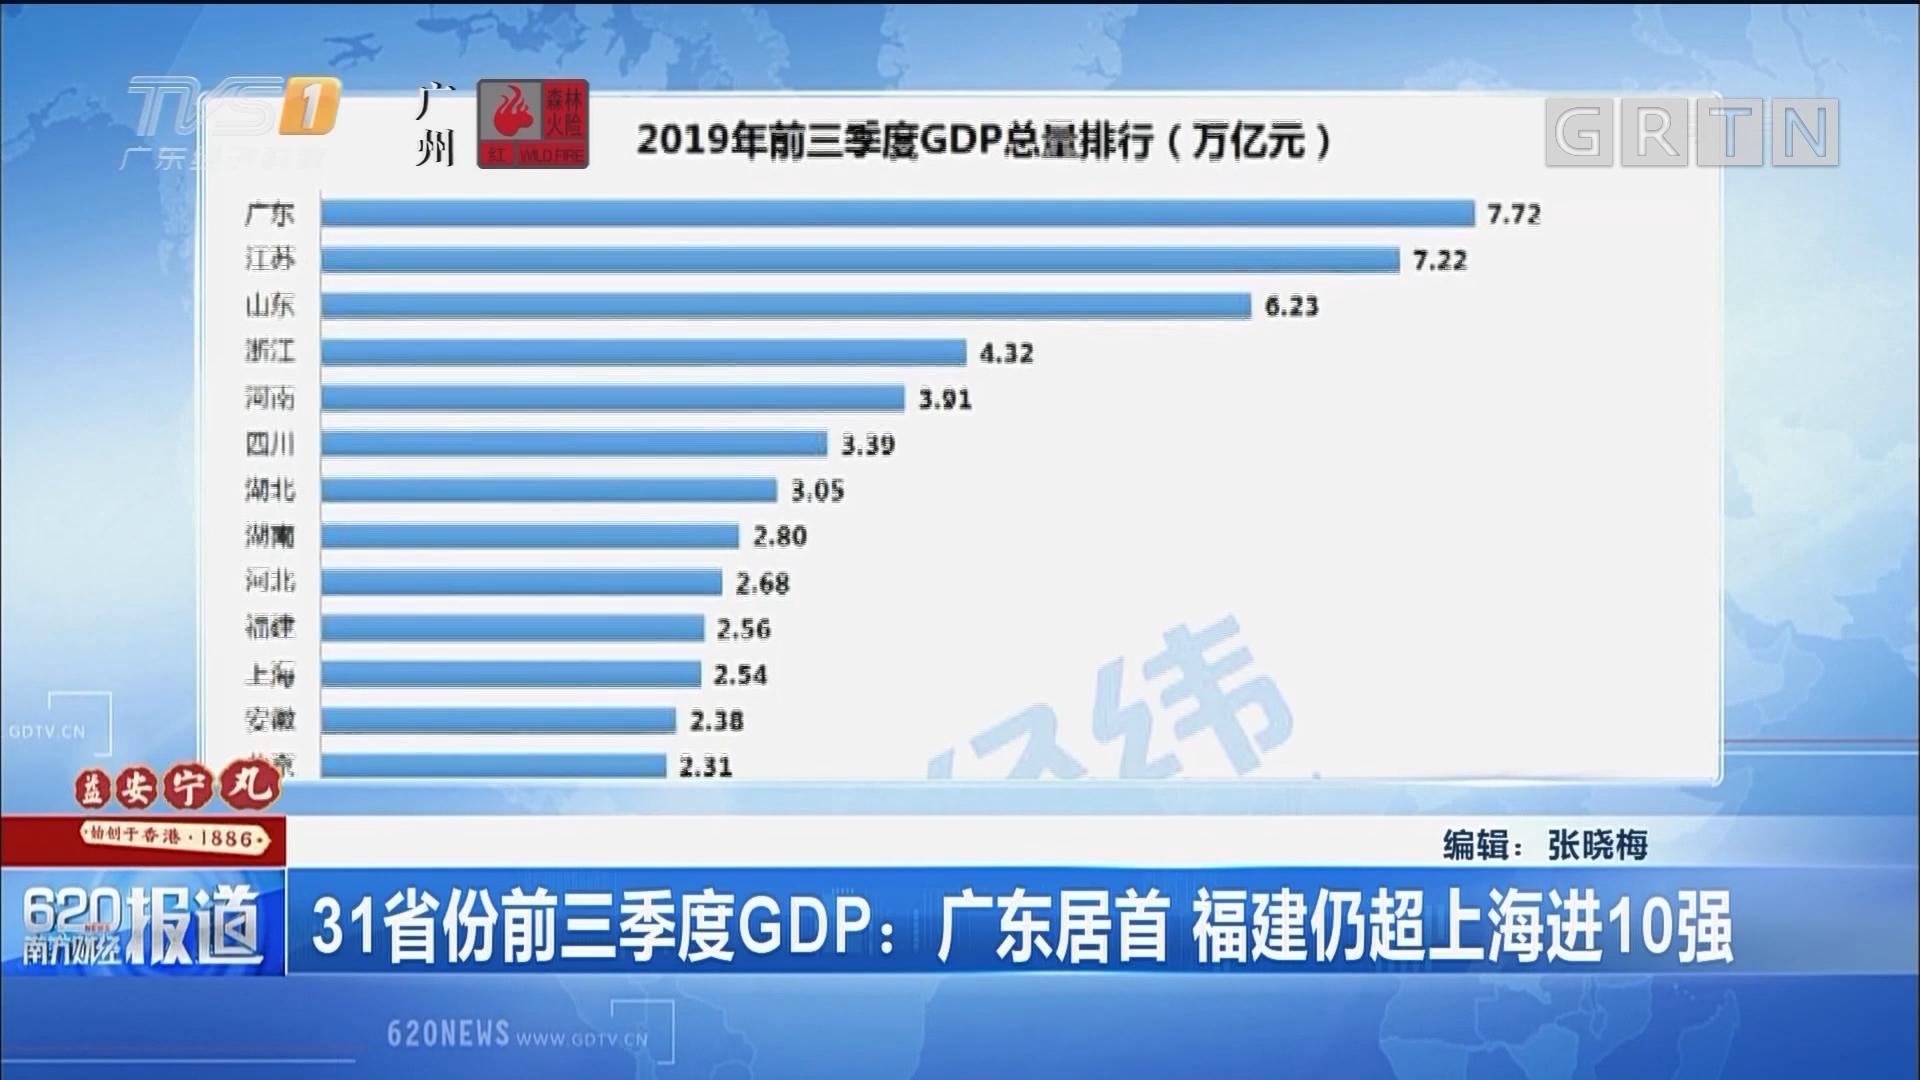 31省份前三季度GDP:廣東居首 福建仍超上海進10強